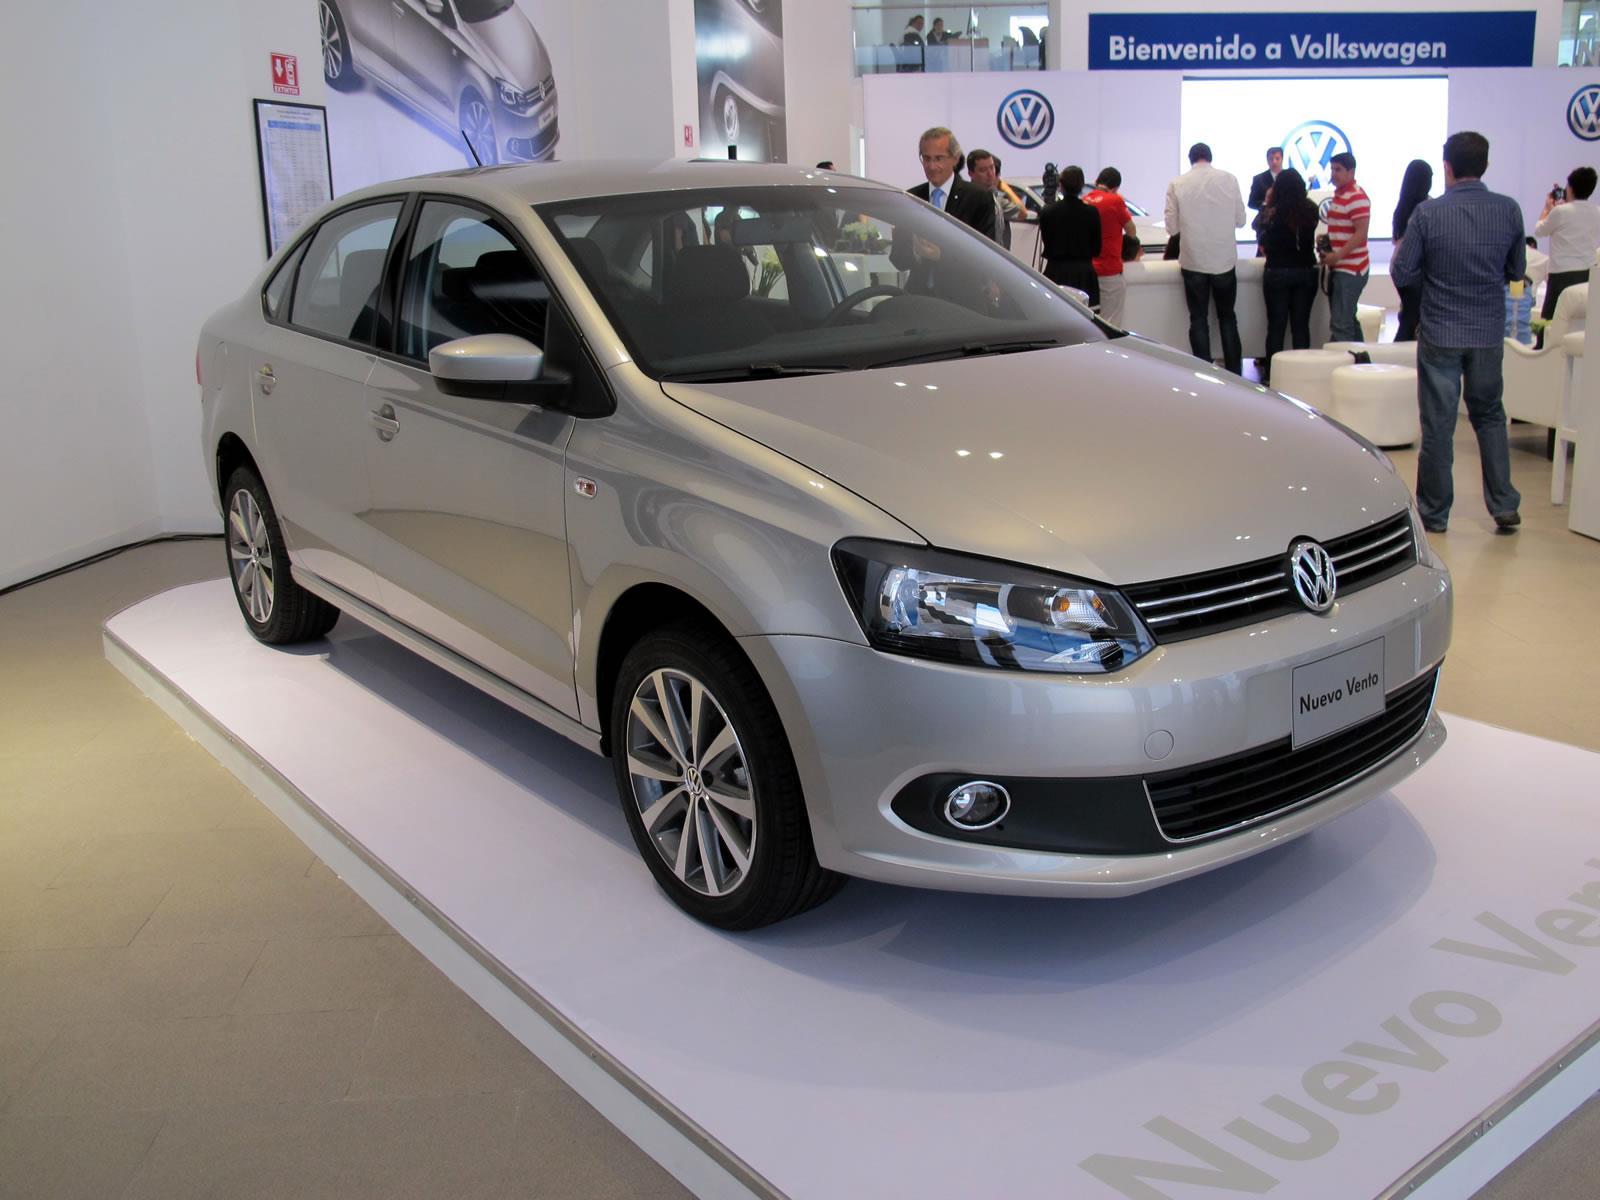 Volkswagen Nuevo Vento 2014, ¿el sustituto del Jetta Clásico? - Autocosmos.com